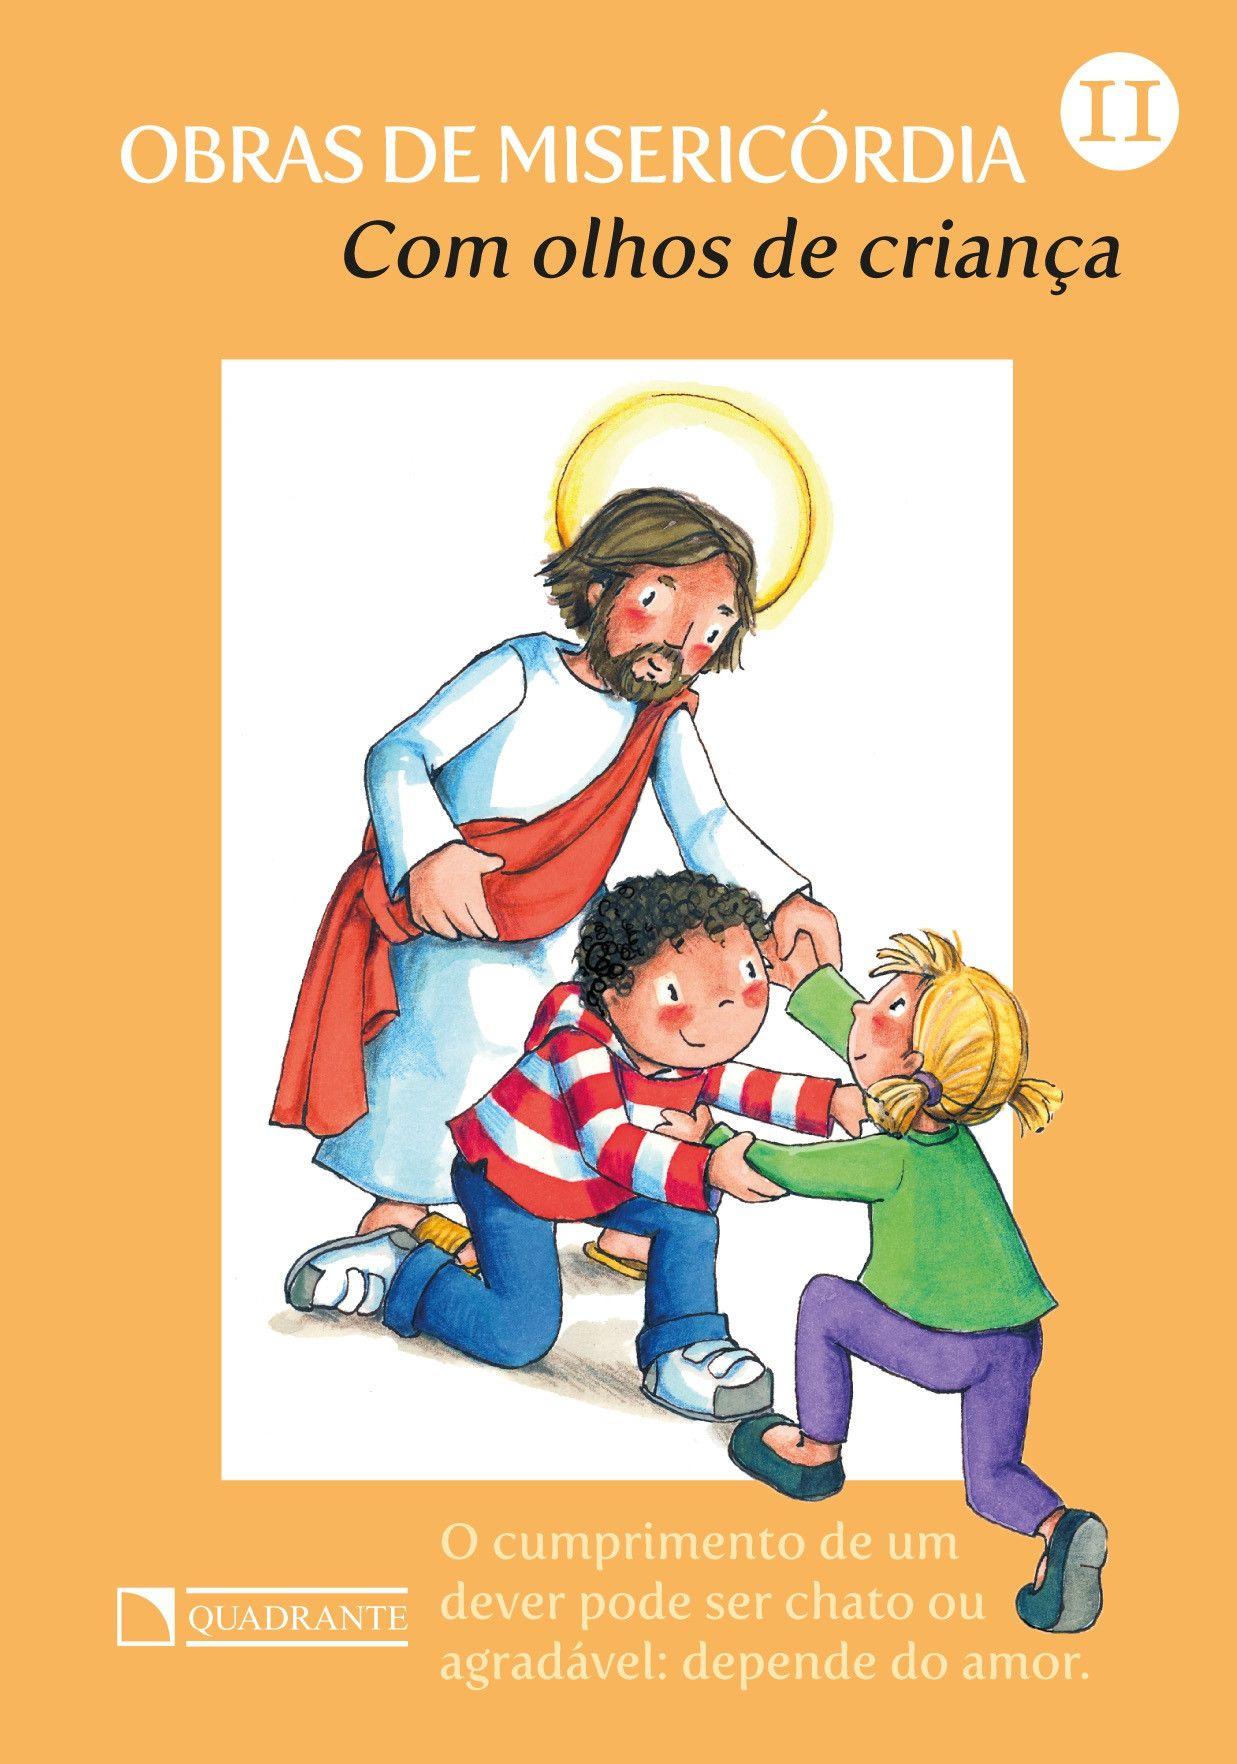 Livro Com olhos de criança - Obras de misericórdia - 11